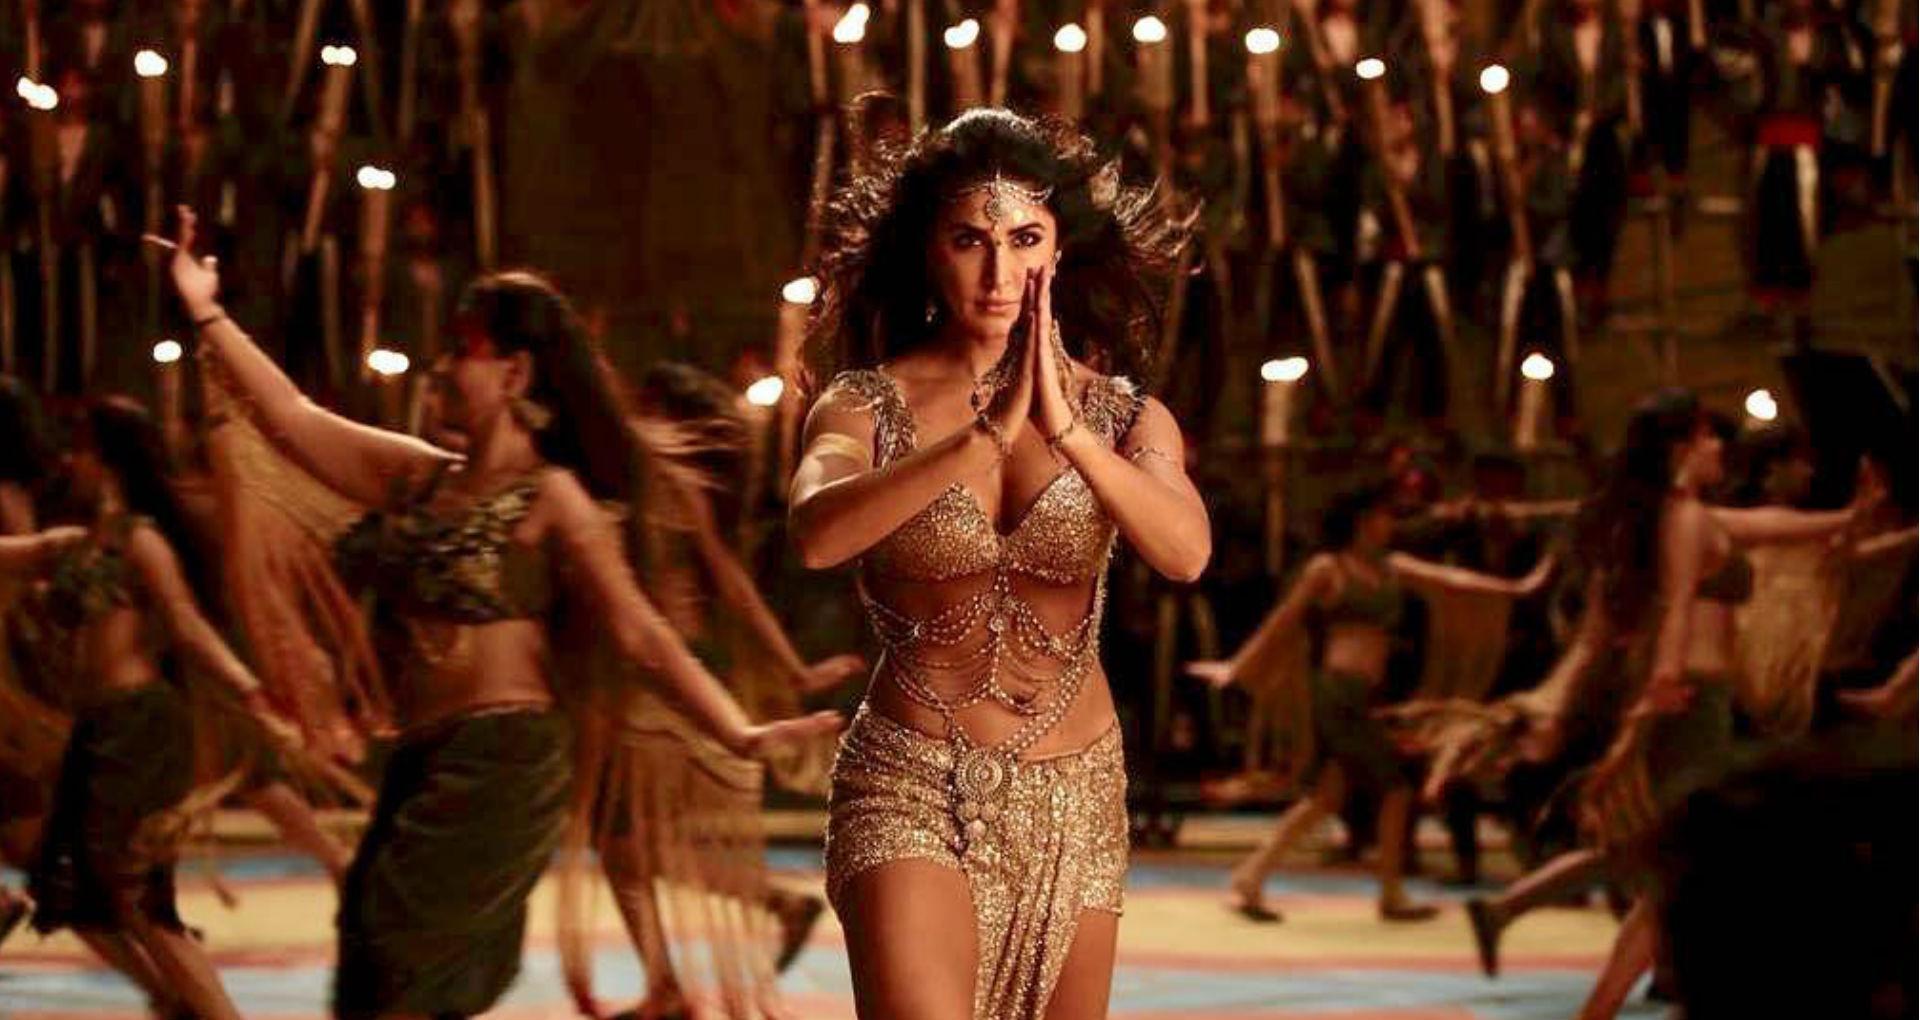 साउथ के सुपरस्टार महेश बाबू की हिरोइन बनेंगी कैटरीना कैफ, सुकुमार होंगे इस फिल्म के निर्देशक!